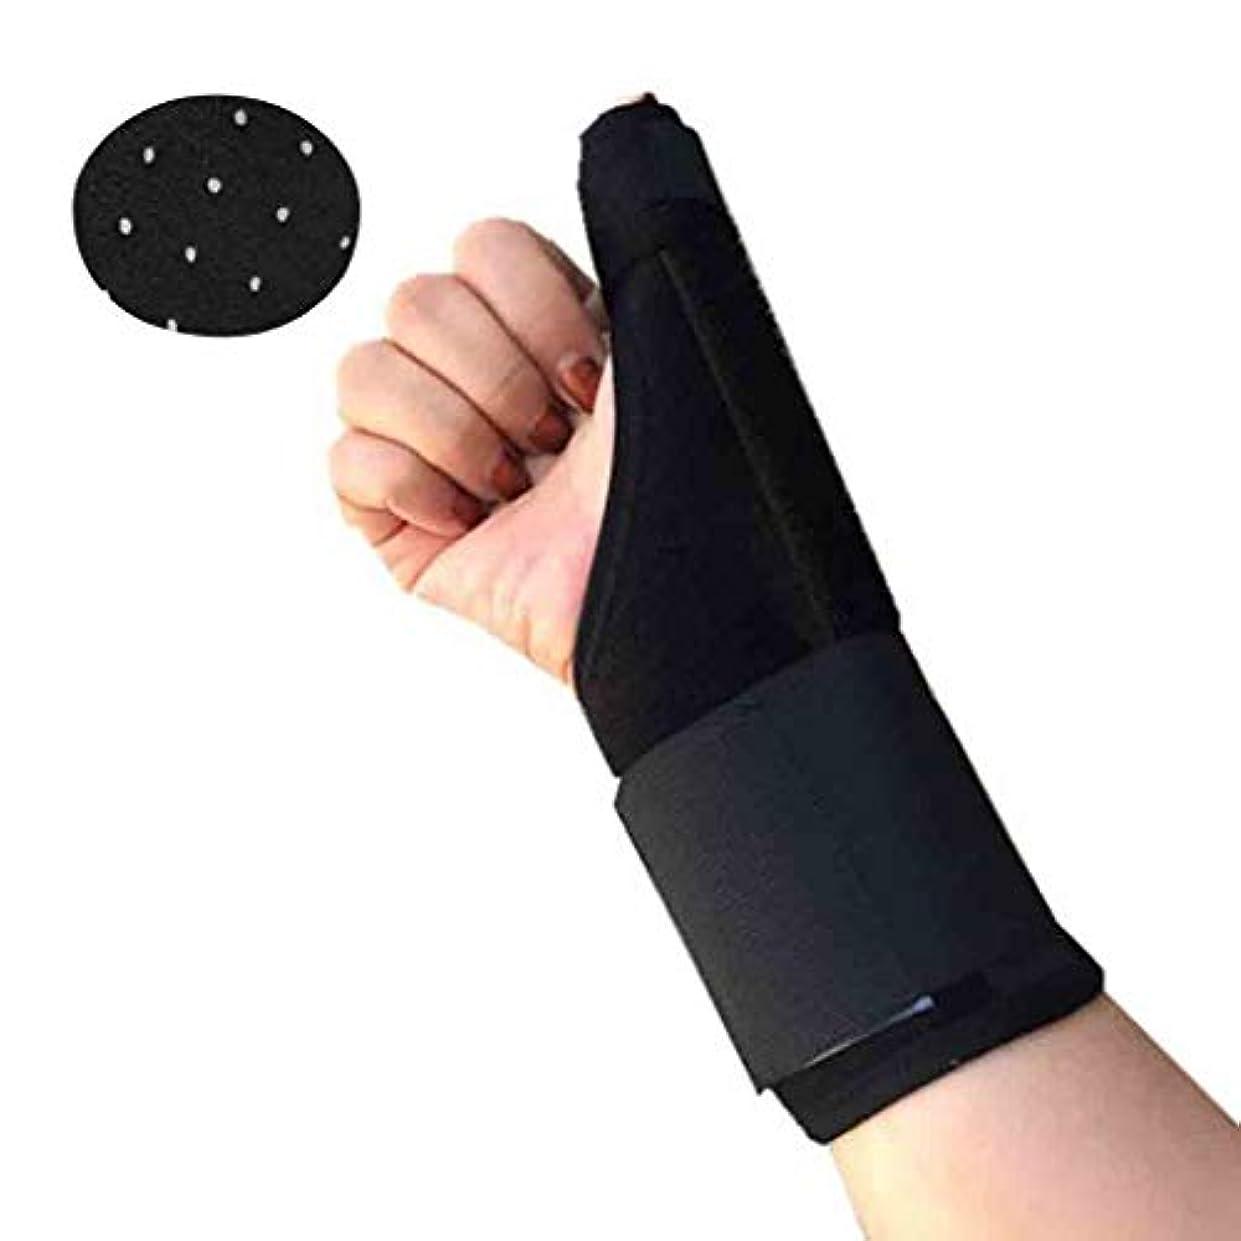 恥ずかしい絵ほめる関節炎のThumbスプリントは、手根管トンネルのThumb関節Thumbブレースを固定する手首の痛みの救済は、右手と左手の両方にフィット Roscloud@